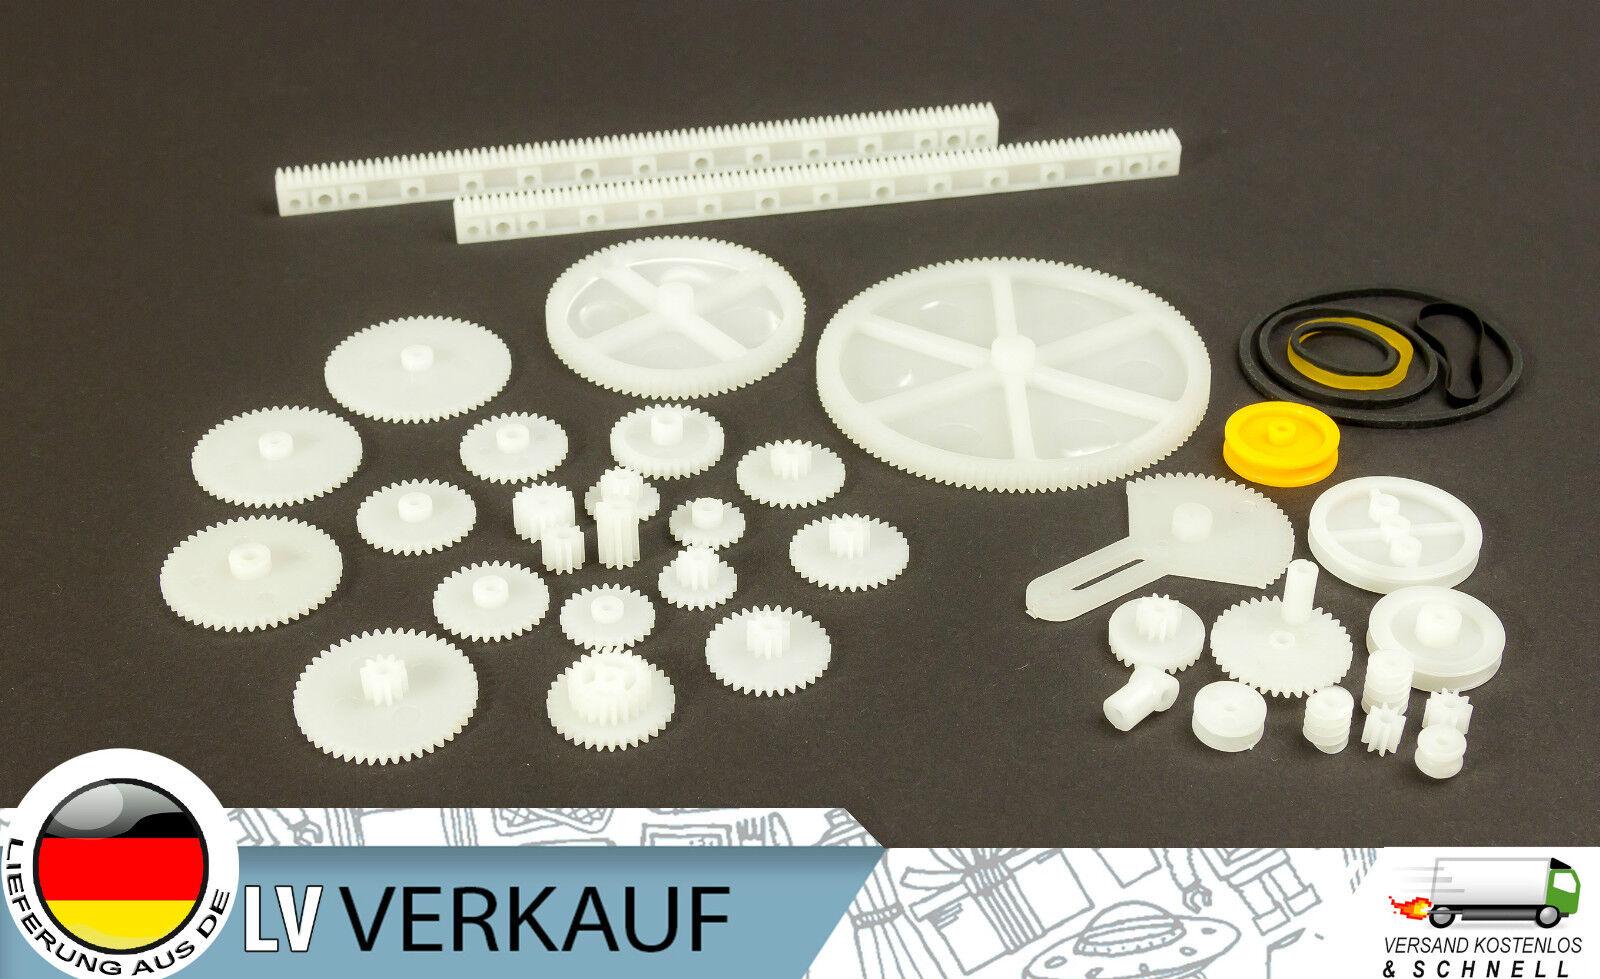 34 Teile Nylon Zahnräder Zahnrad Getriebe Set für Arduino Steppermotoren DIY